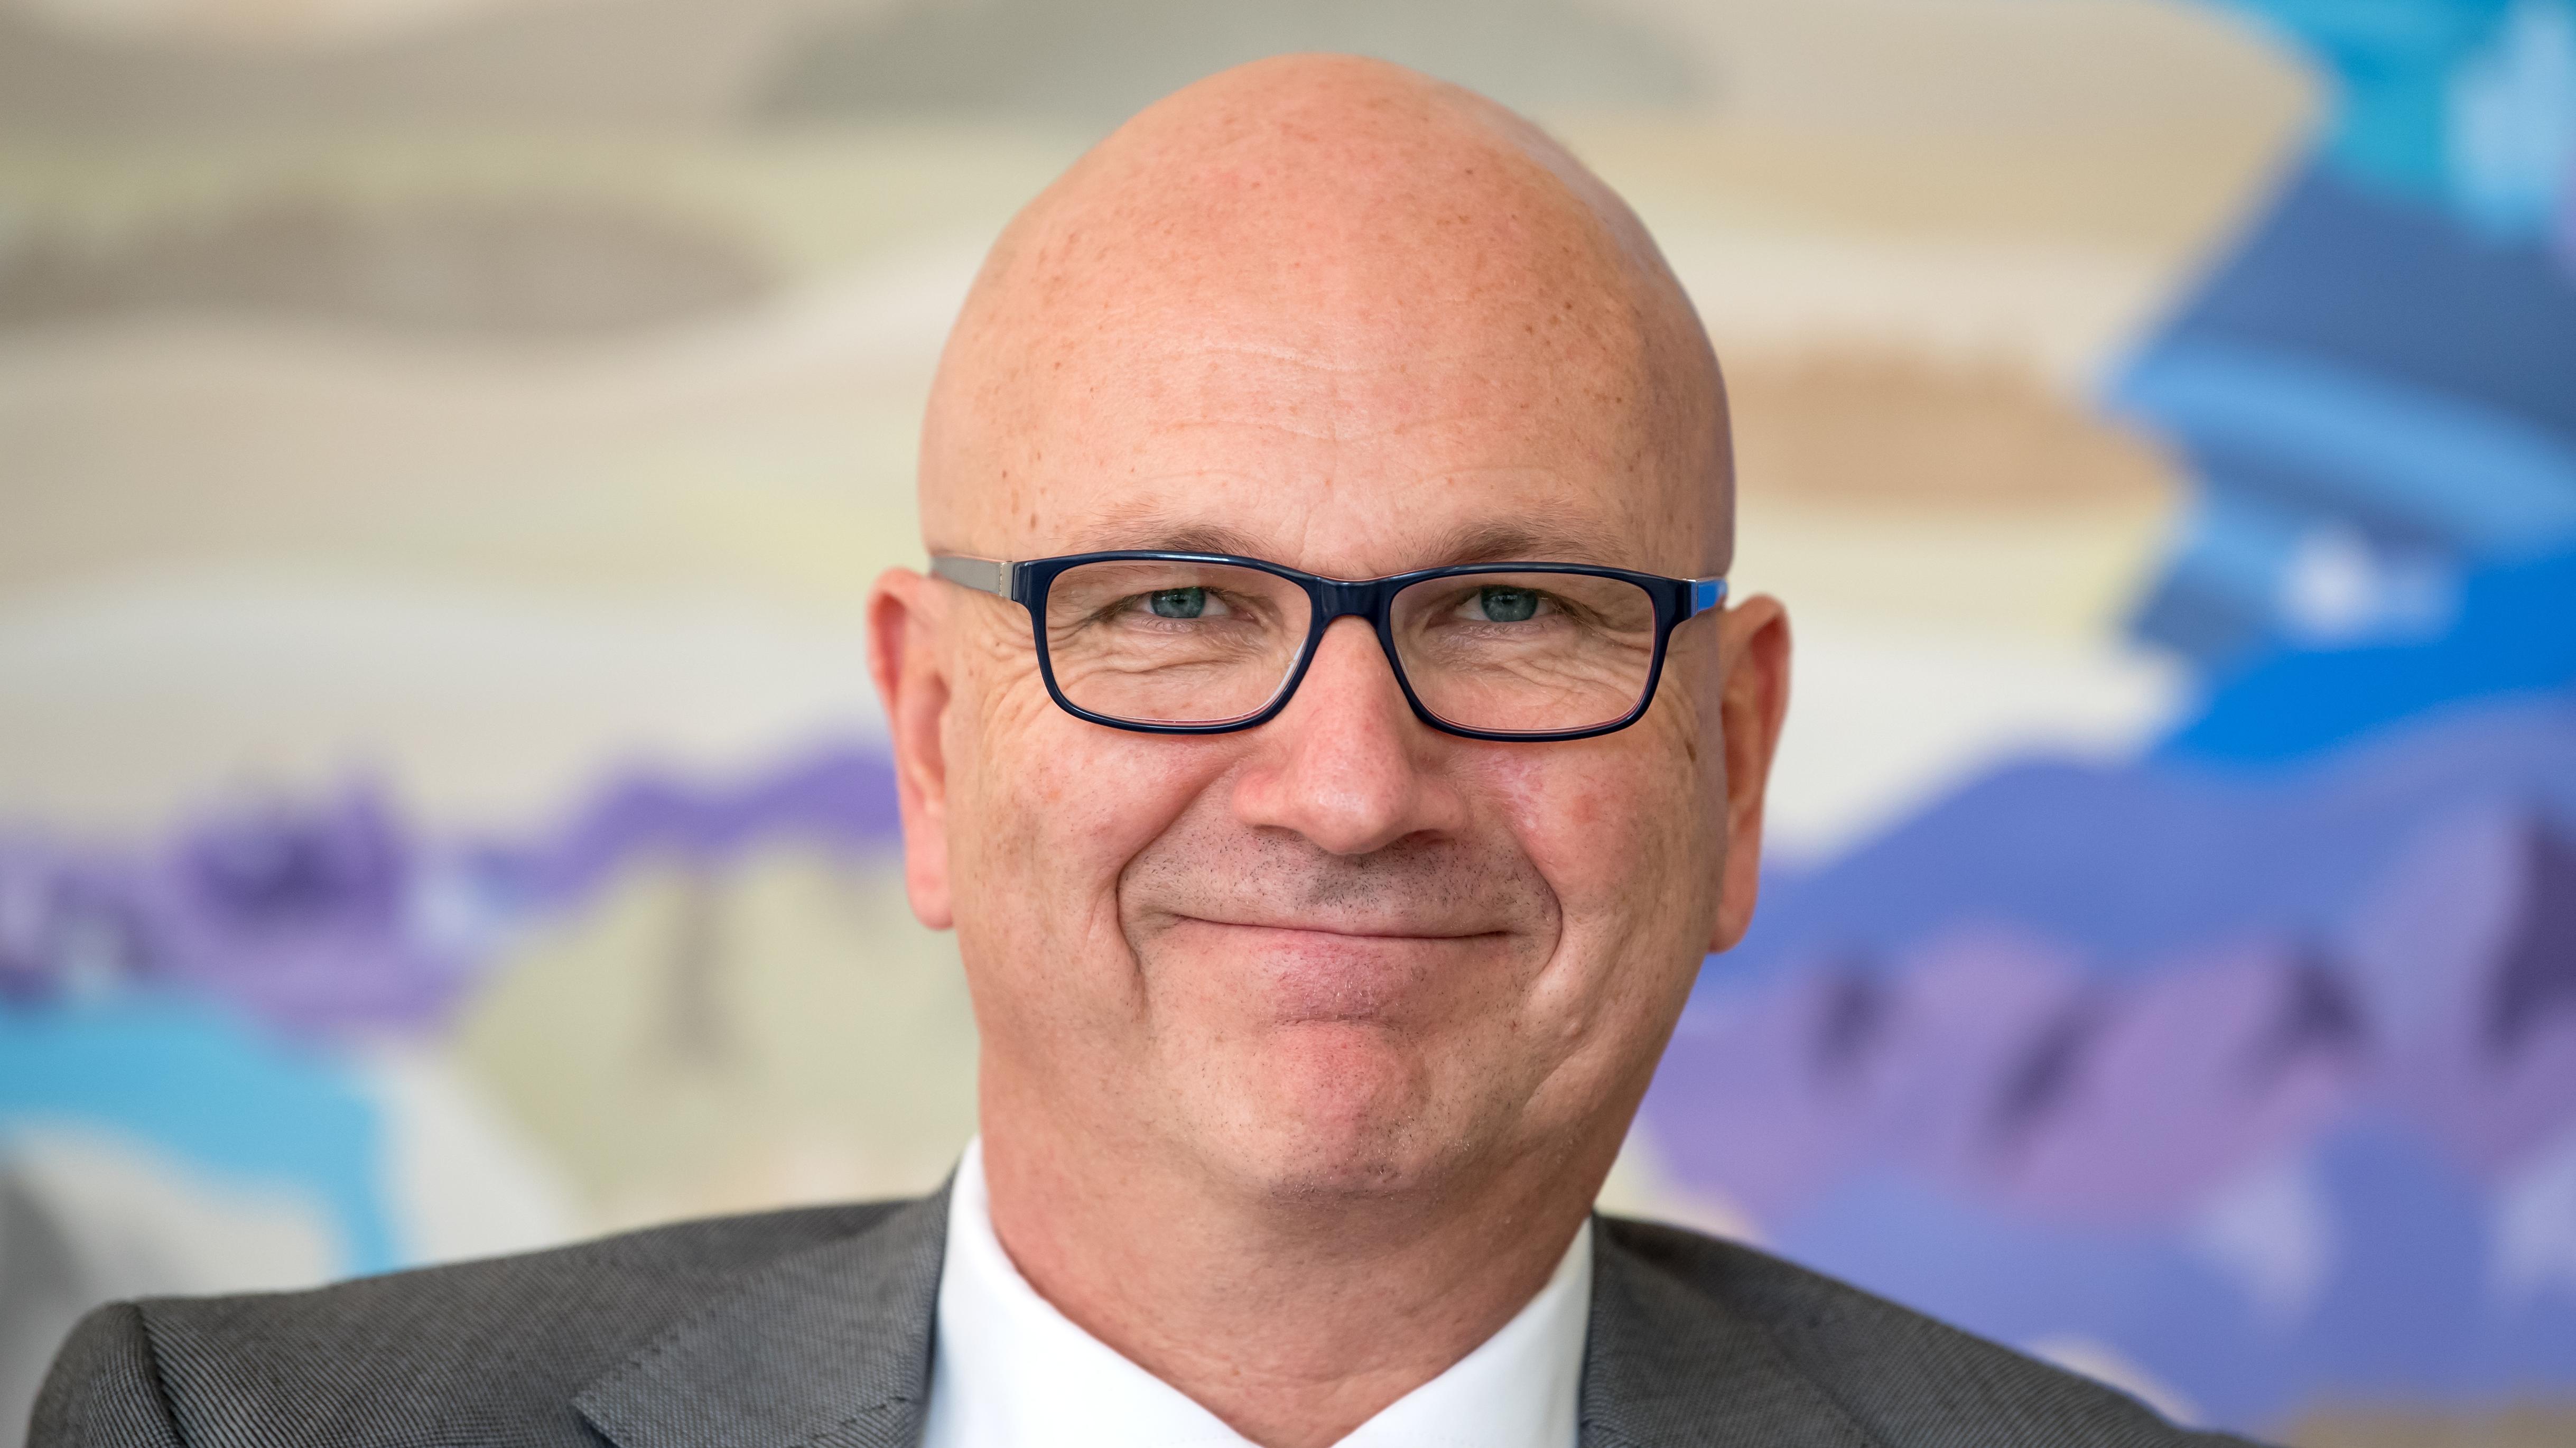 Der Präsident des Deutschen Städte- und Gemeindebundes Uwe Brandl (CSU).